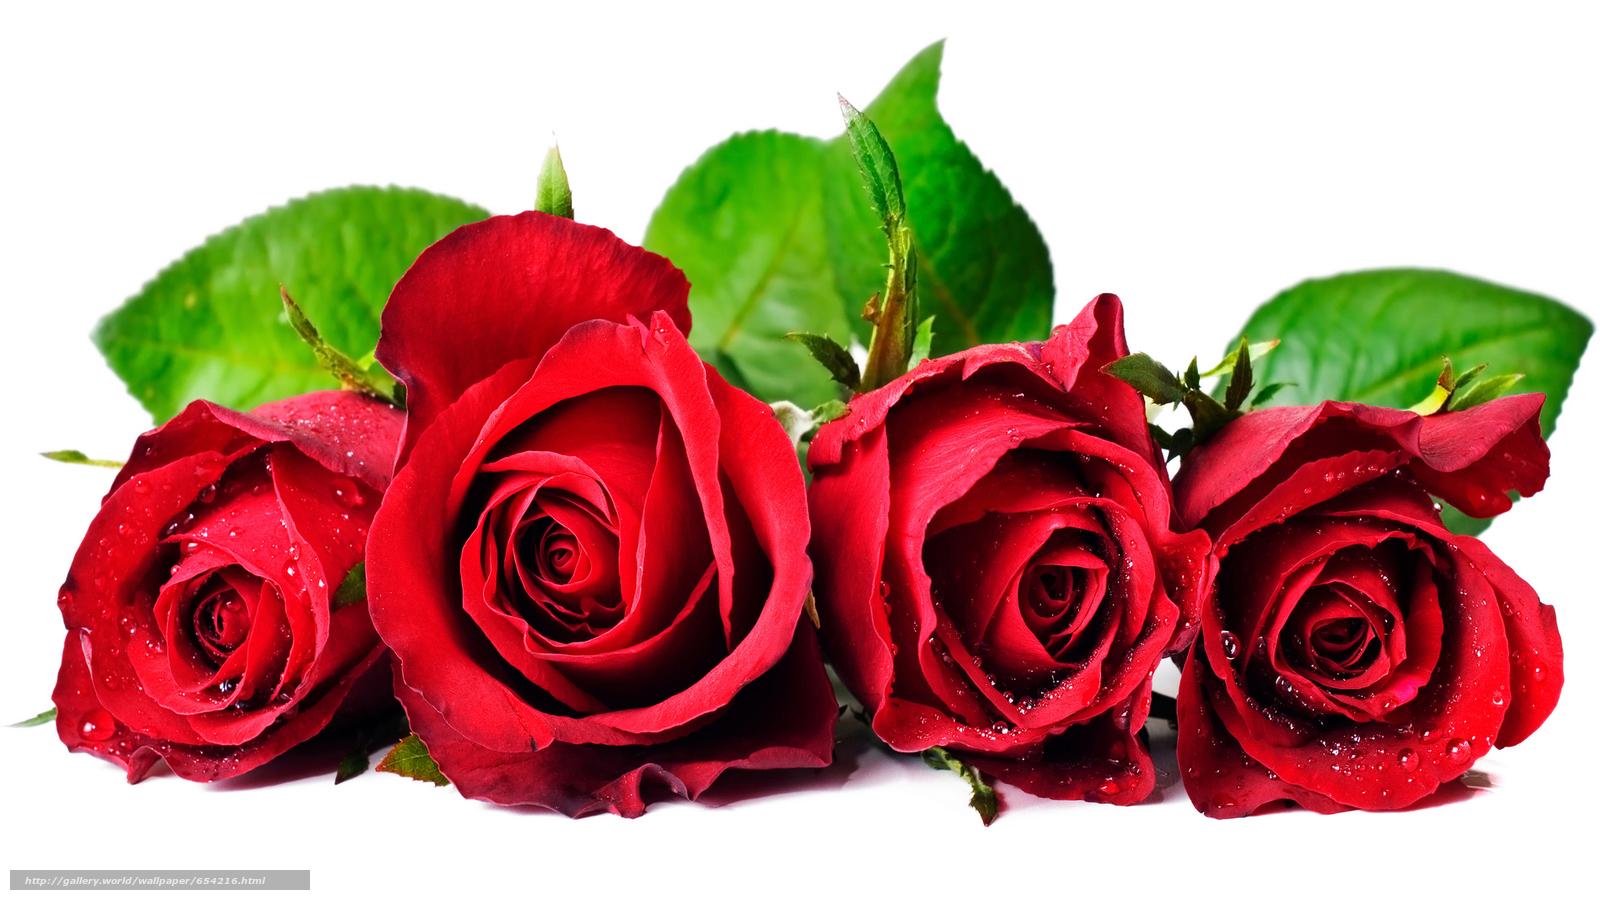 下载壁纸 玫瑰,  玫瑰,  花,  花卉 免费为您的桌面分辨率的壁纸 5234x2944 — 图片 №654216